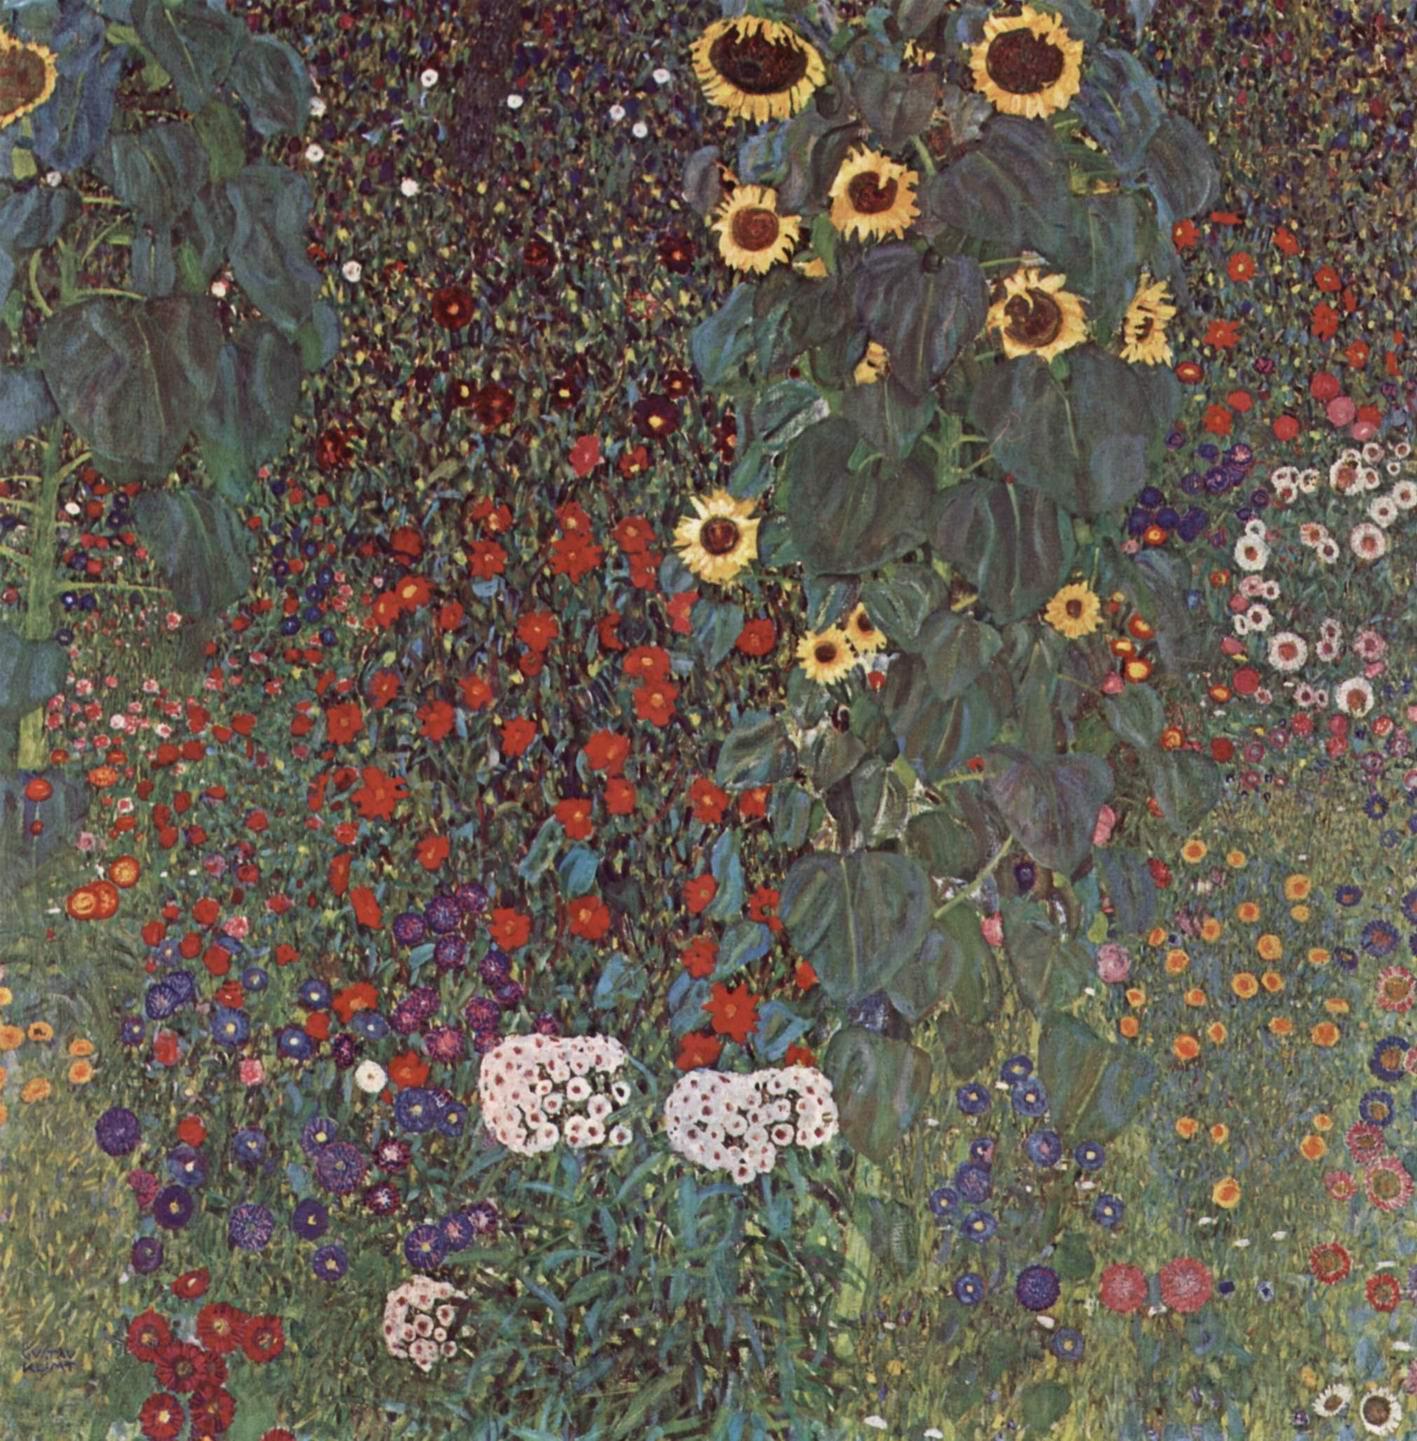 Из собрания шедевров мировой живописи... (598).jpg